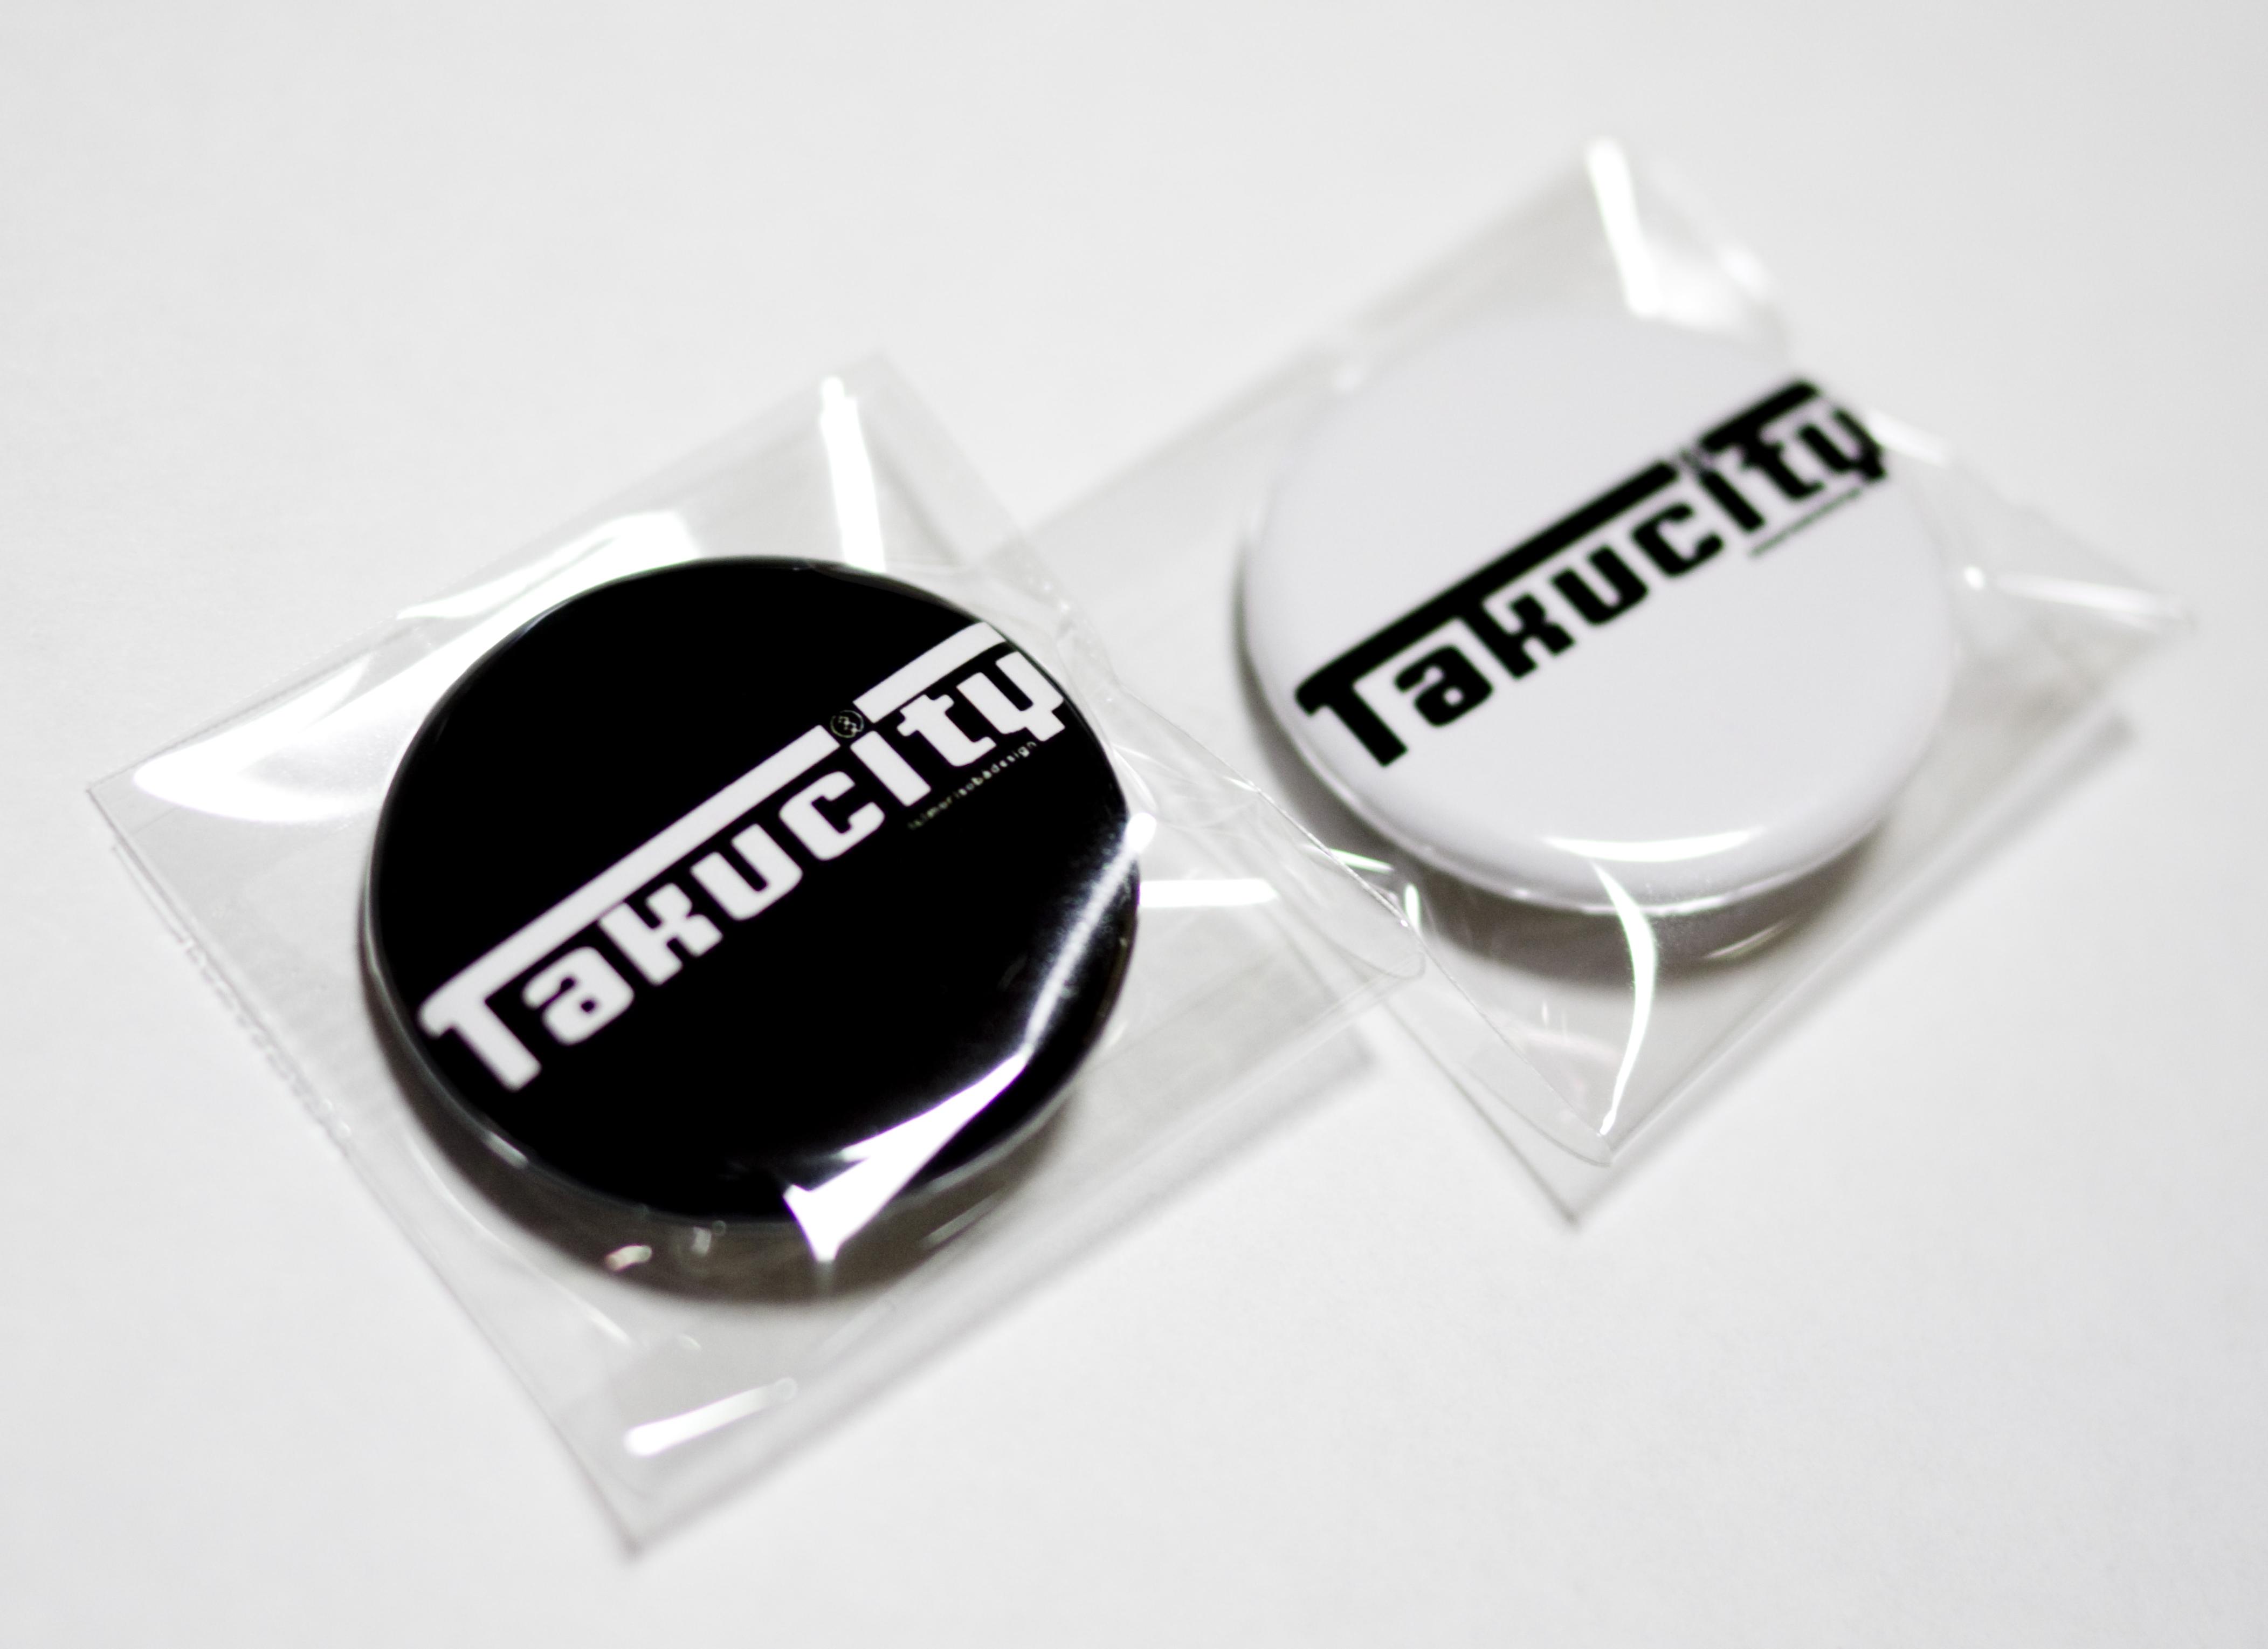 新発売!『Takucity』缶バッジ!( ´ ▽ ` )